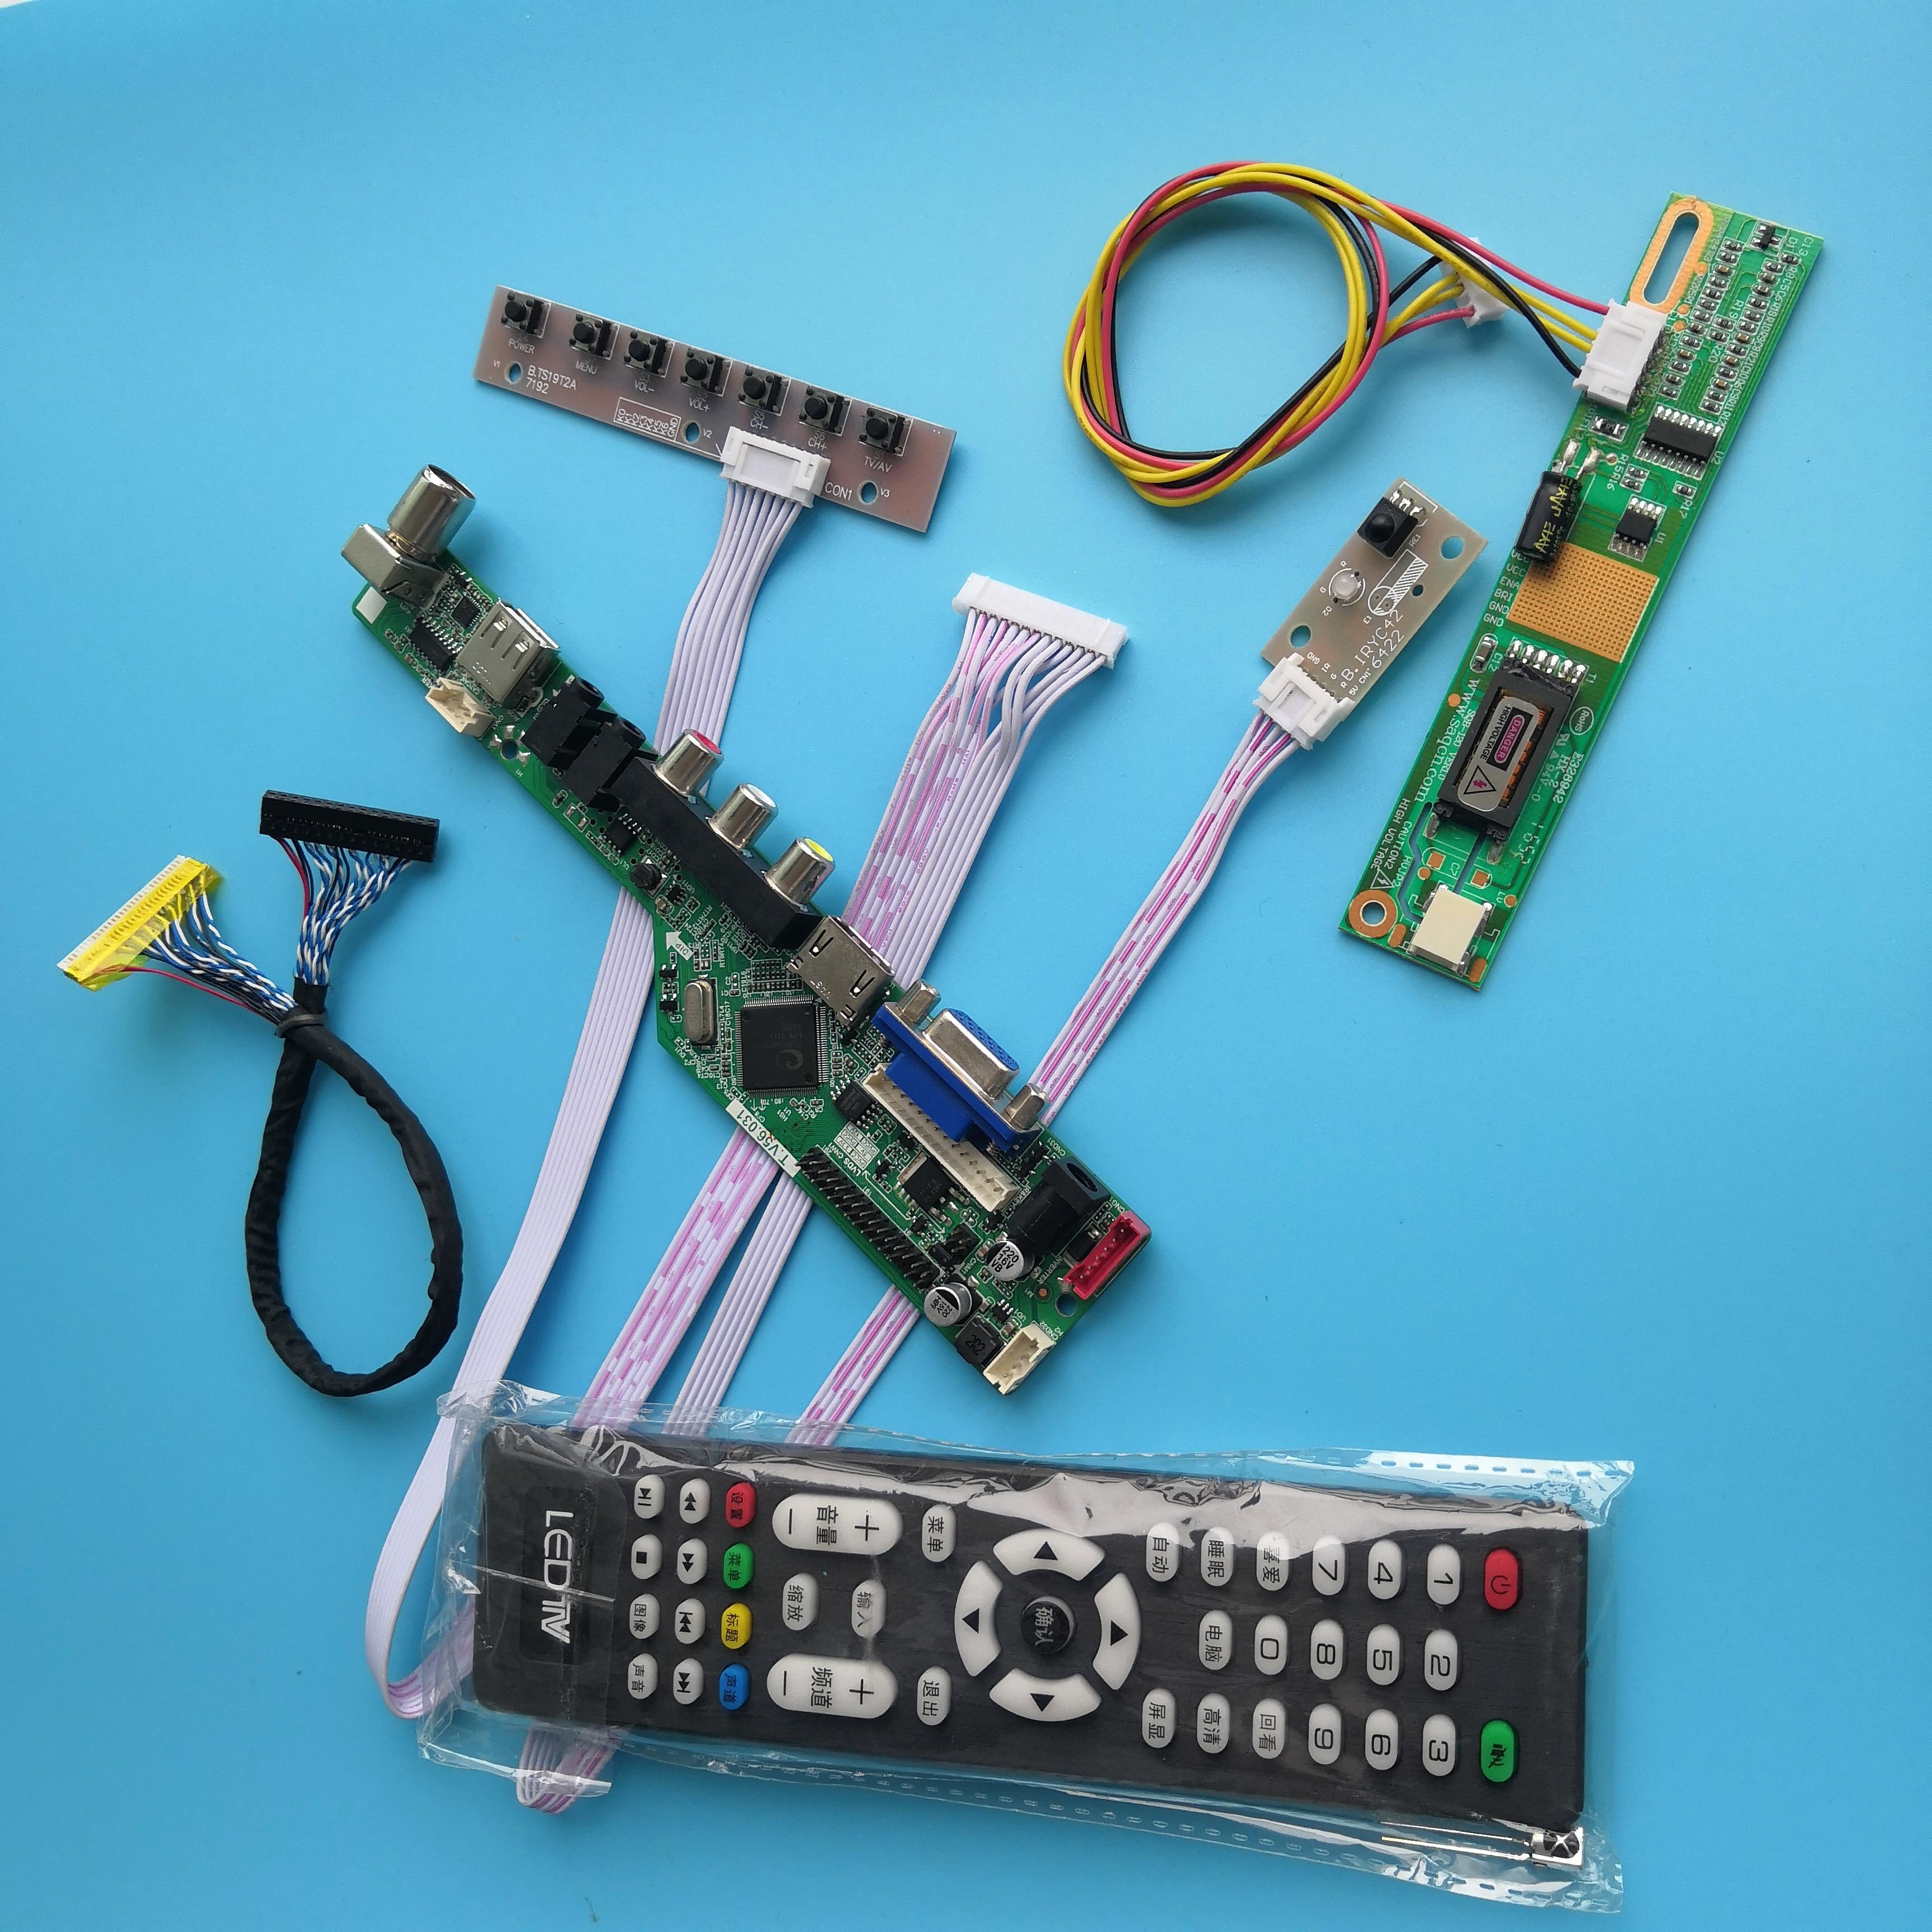 لوحة تحكم تلفزيون مع 30 دبوسًا ، لوحة أم للوحدة B141PW01 V2 ، دقة إشارة رقمية 1 مصباح 14.1 بوصة AV VGA 1440X900